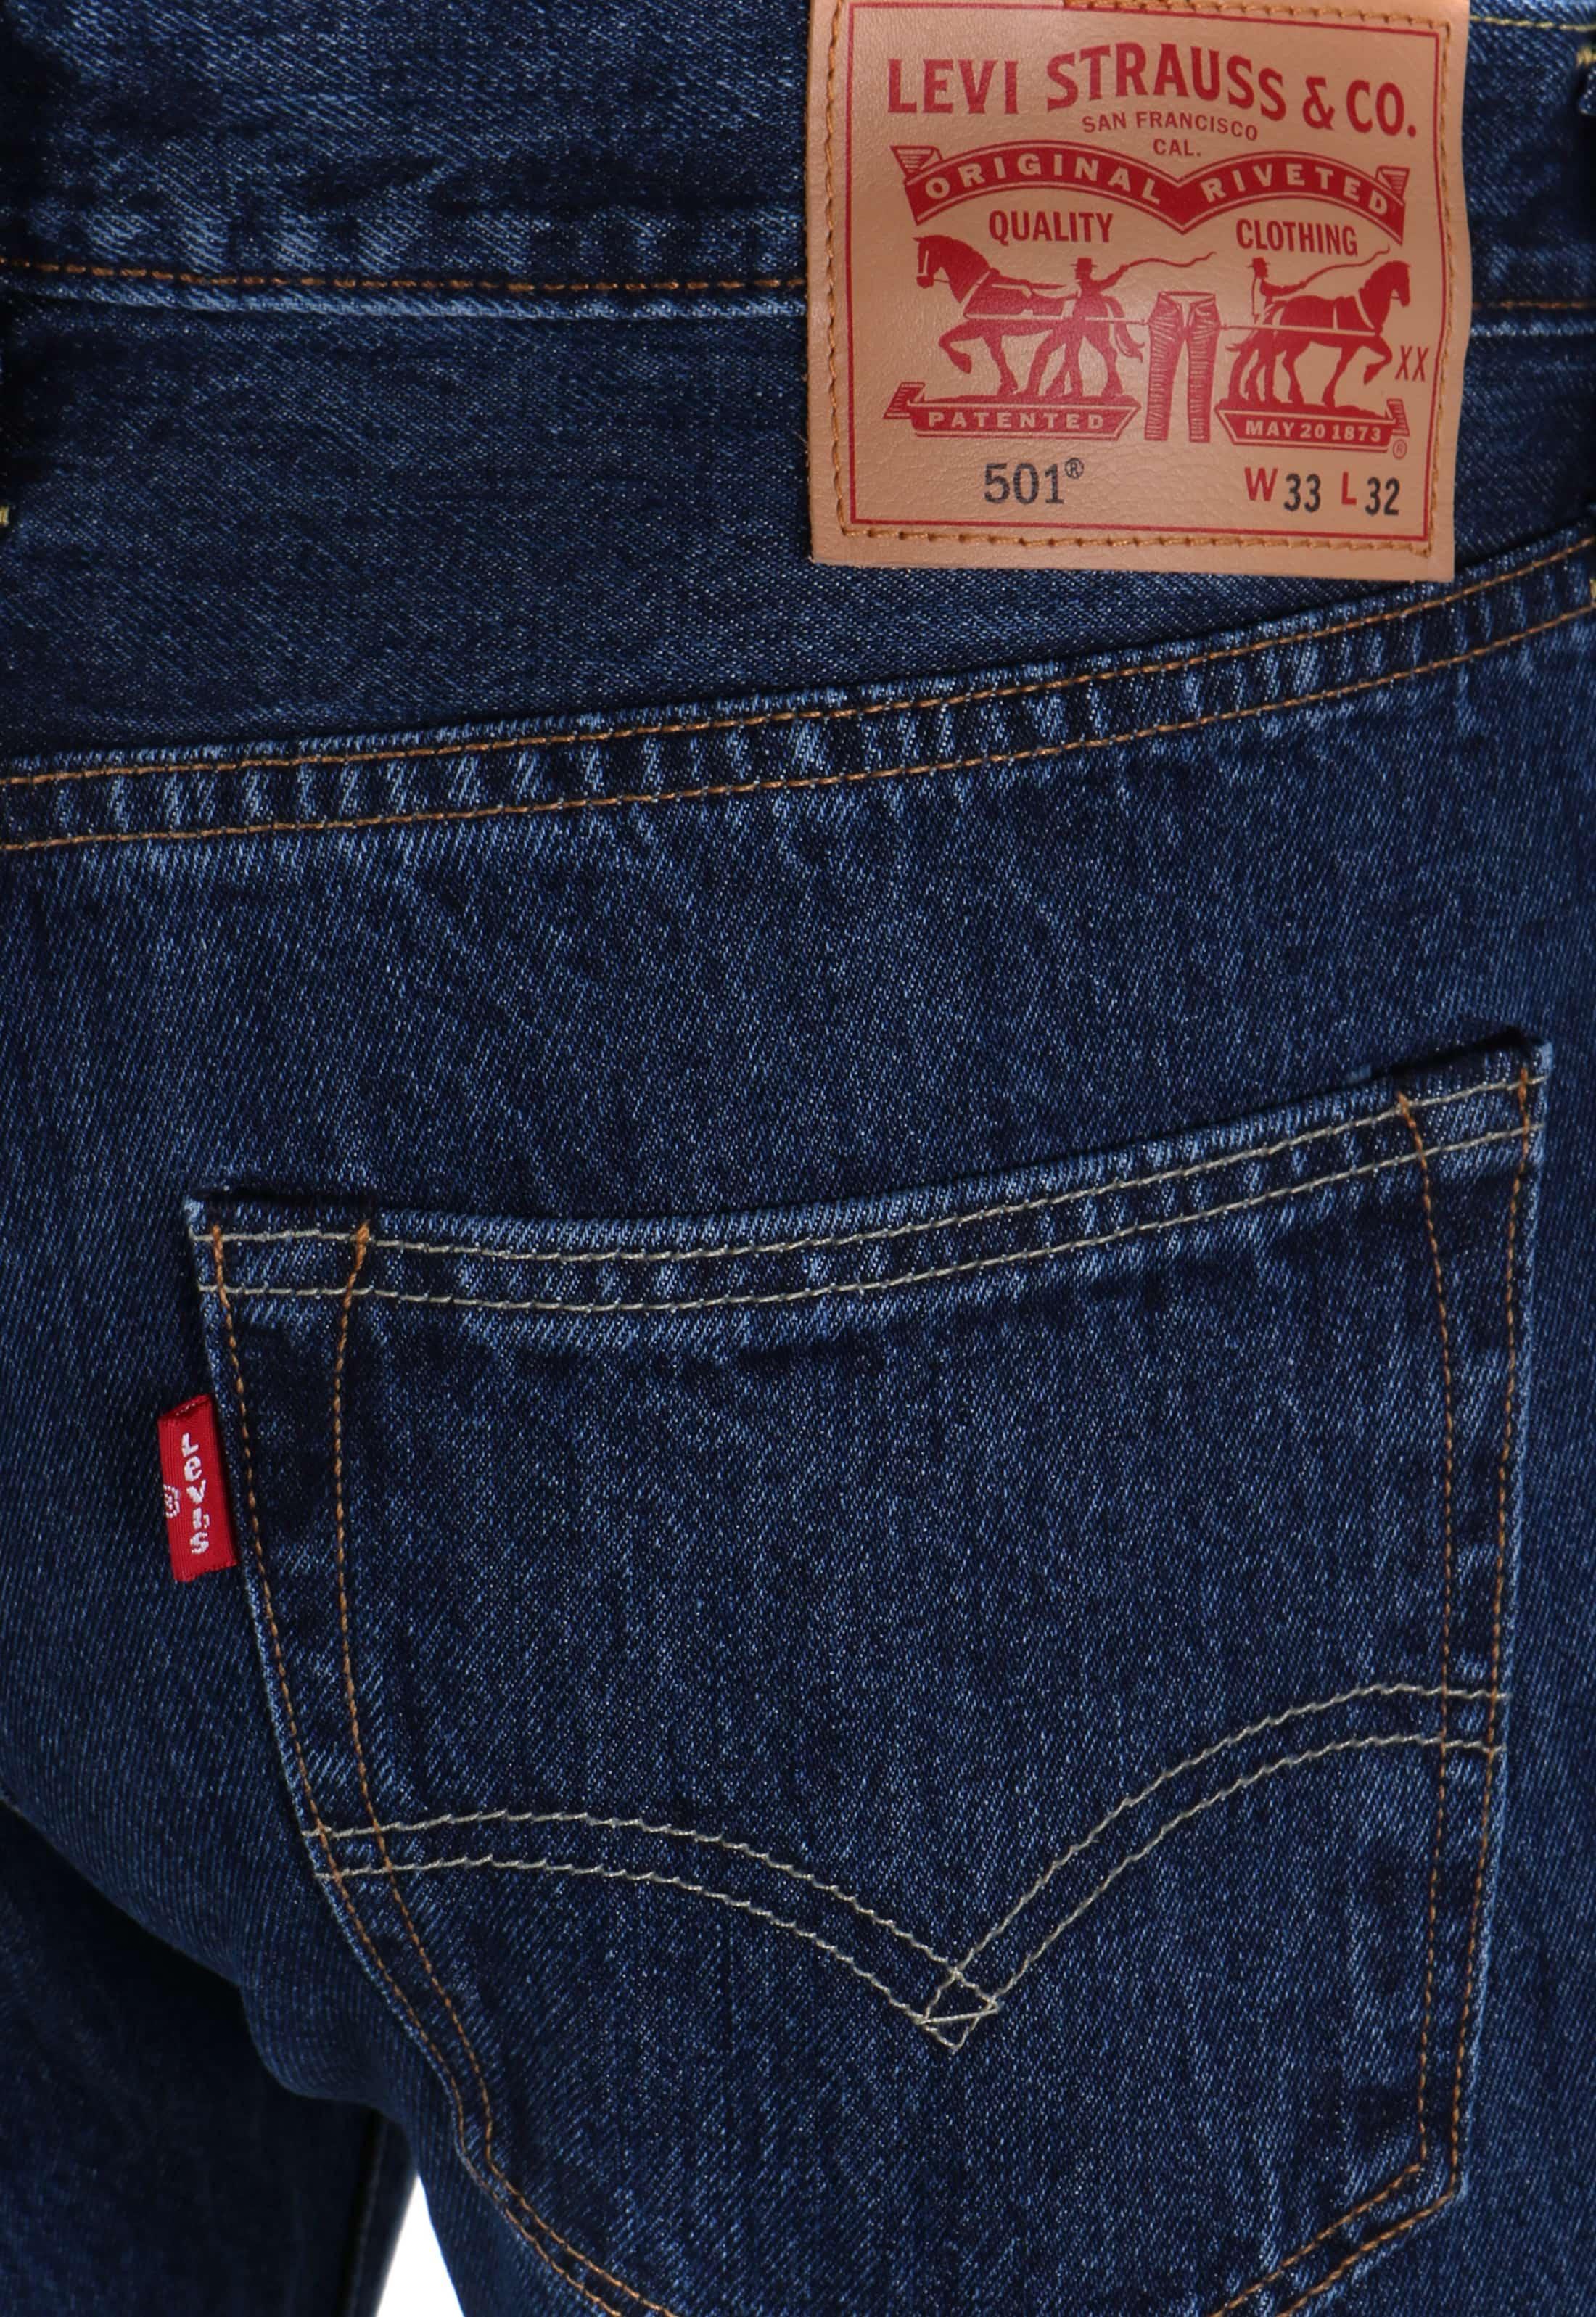 Levis 501 Jeans Original Fit Blue 0114 00501 0114 Stone Wash